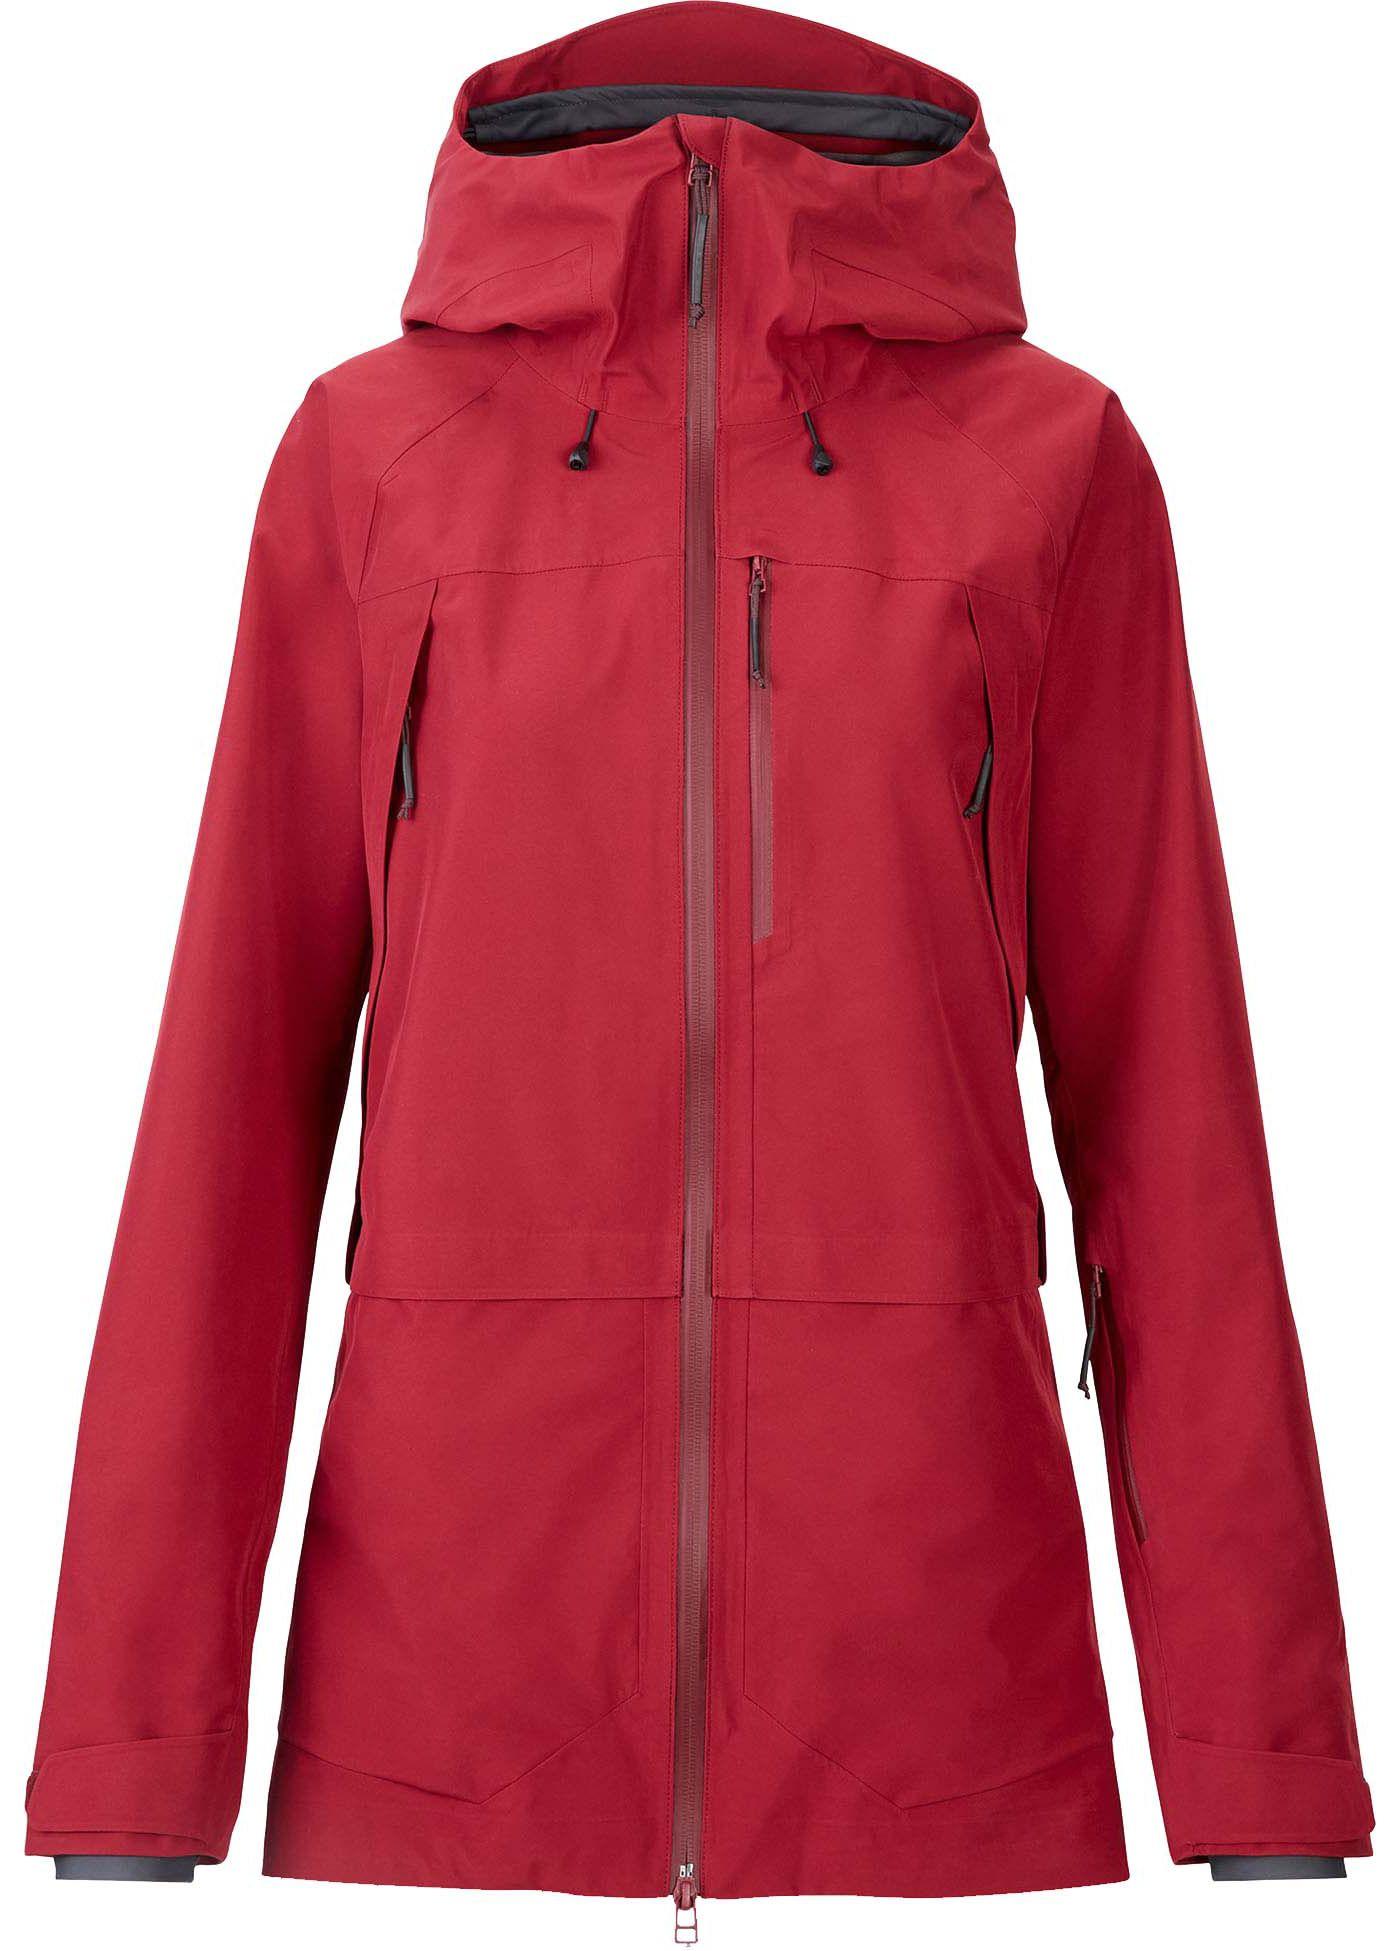 DAKINE Women's Beretta GORE-TEX 3L Shell Jacket